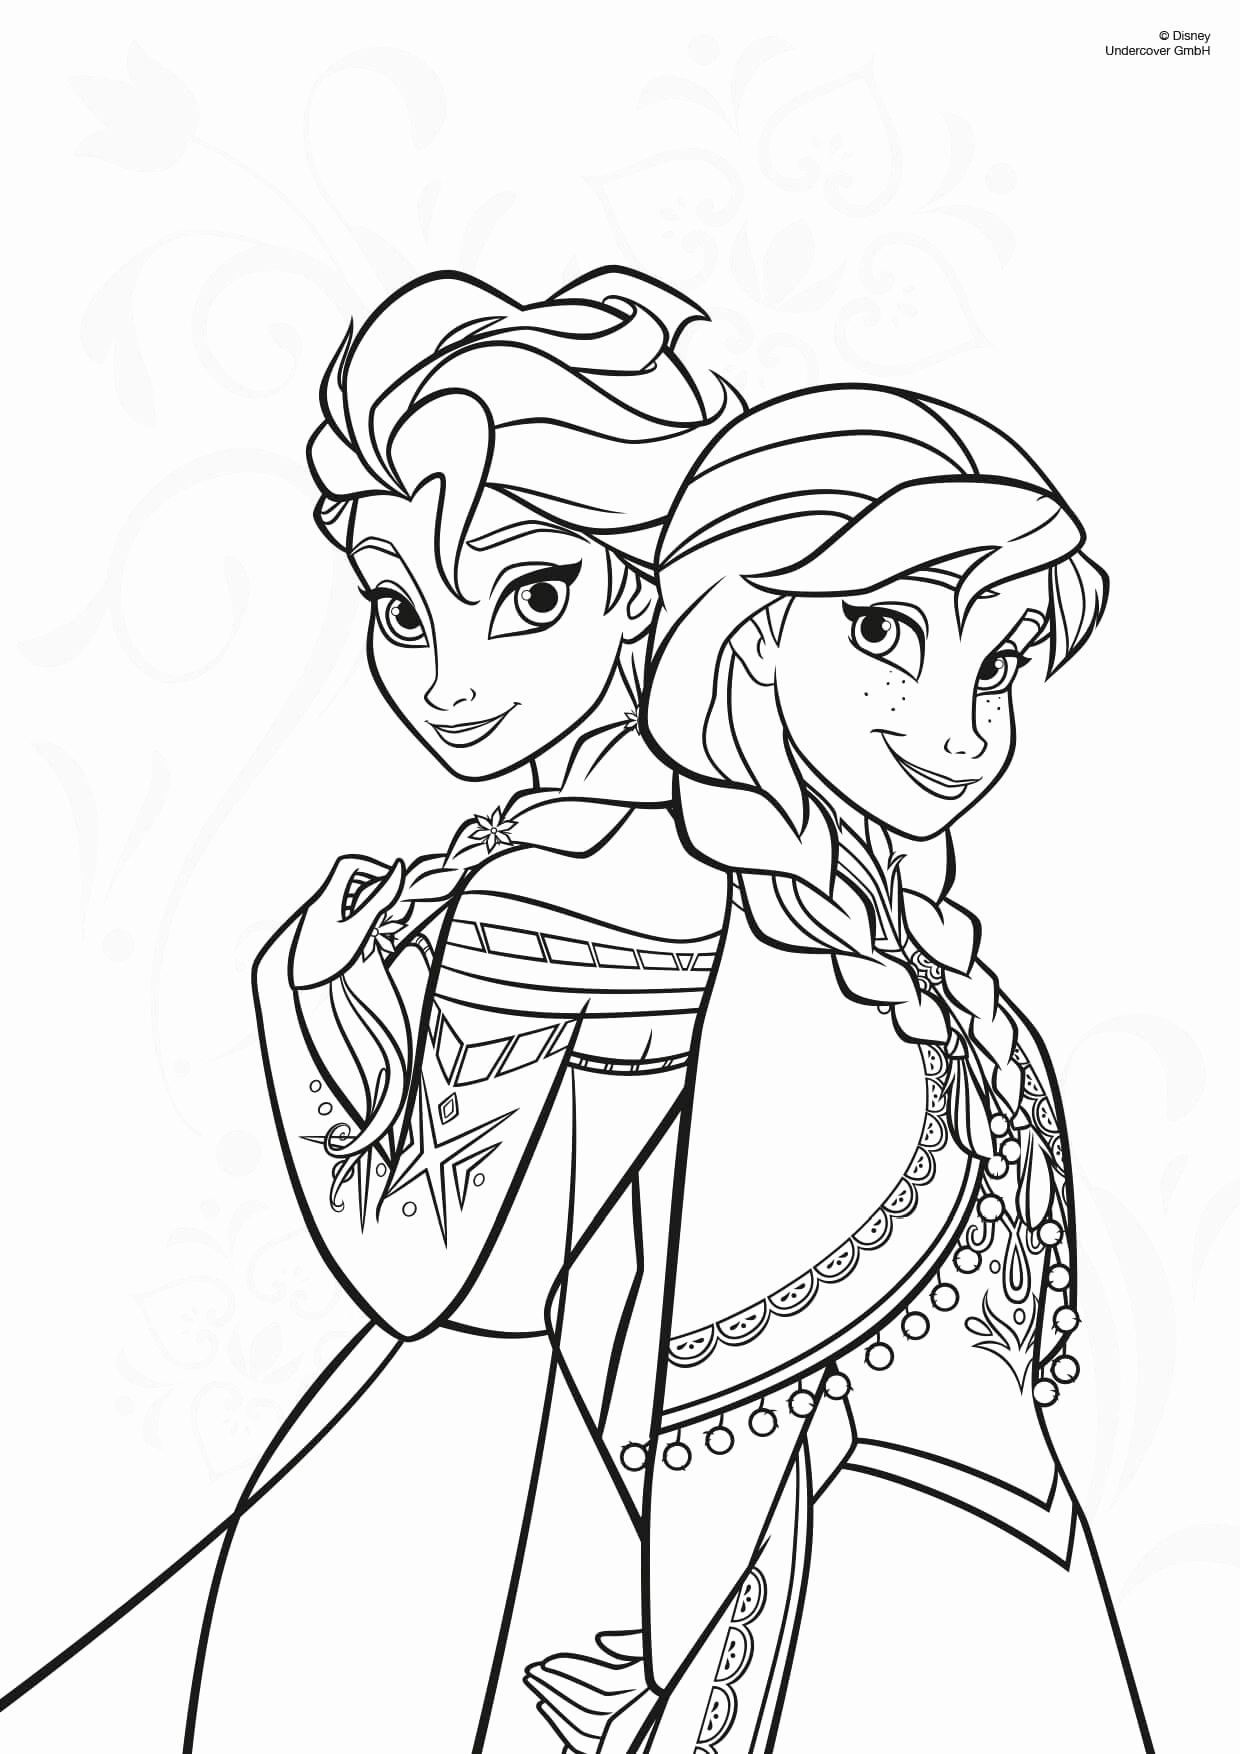 Ausmalbilder Anna Und Elsa Kostenlos Best Anna Und Elsa verwandt mit Ausmalbilder Anna Und Elsa